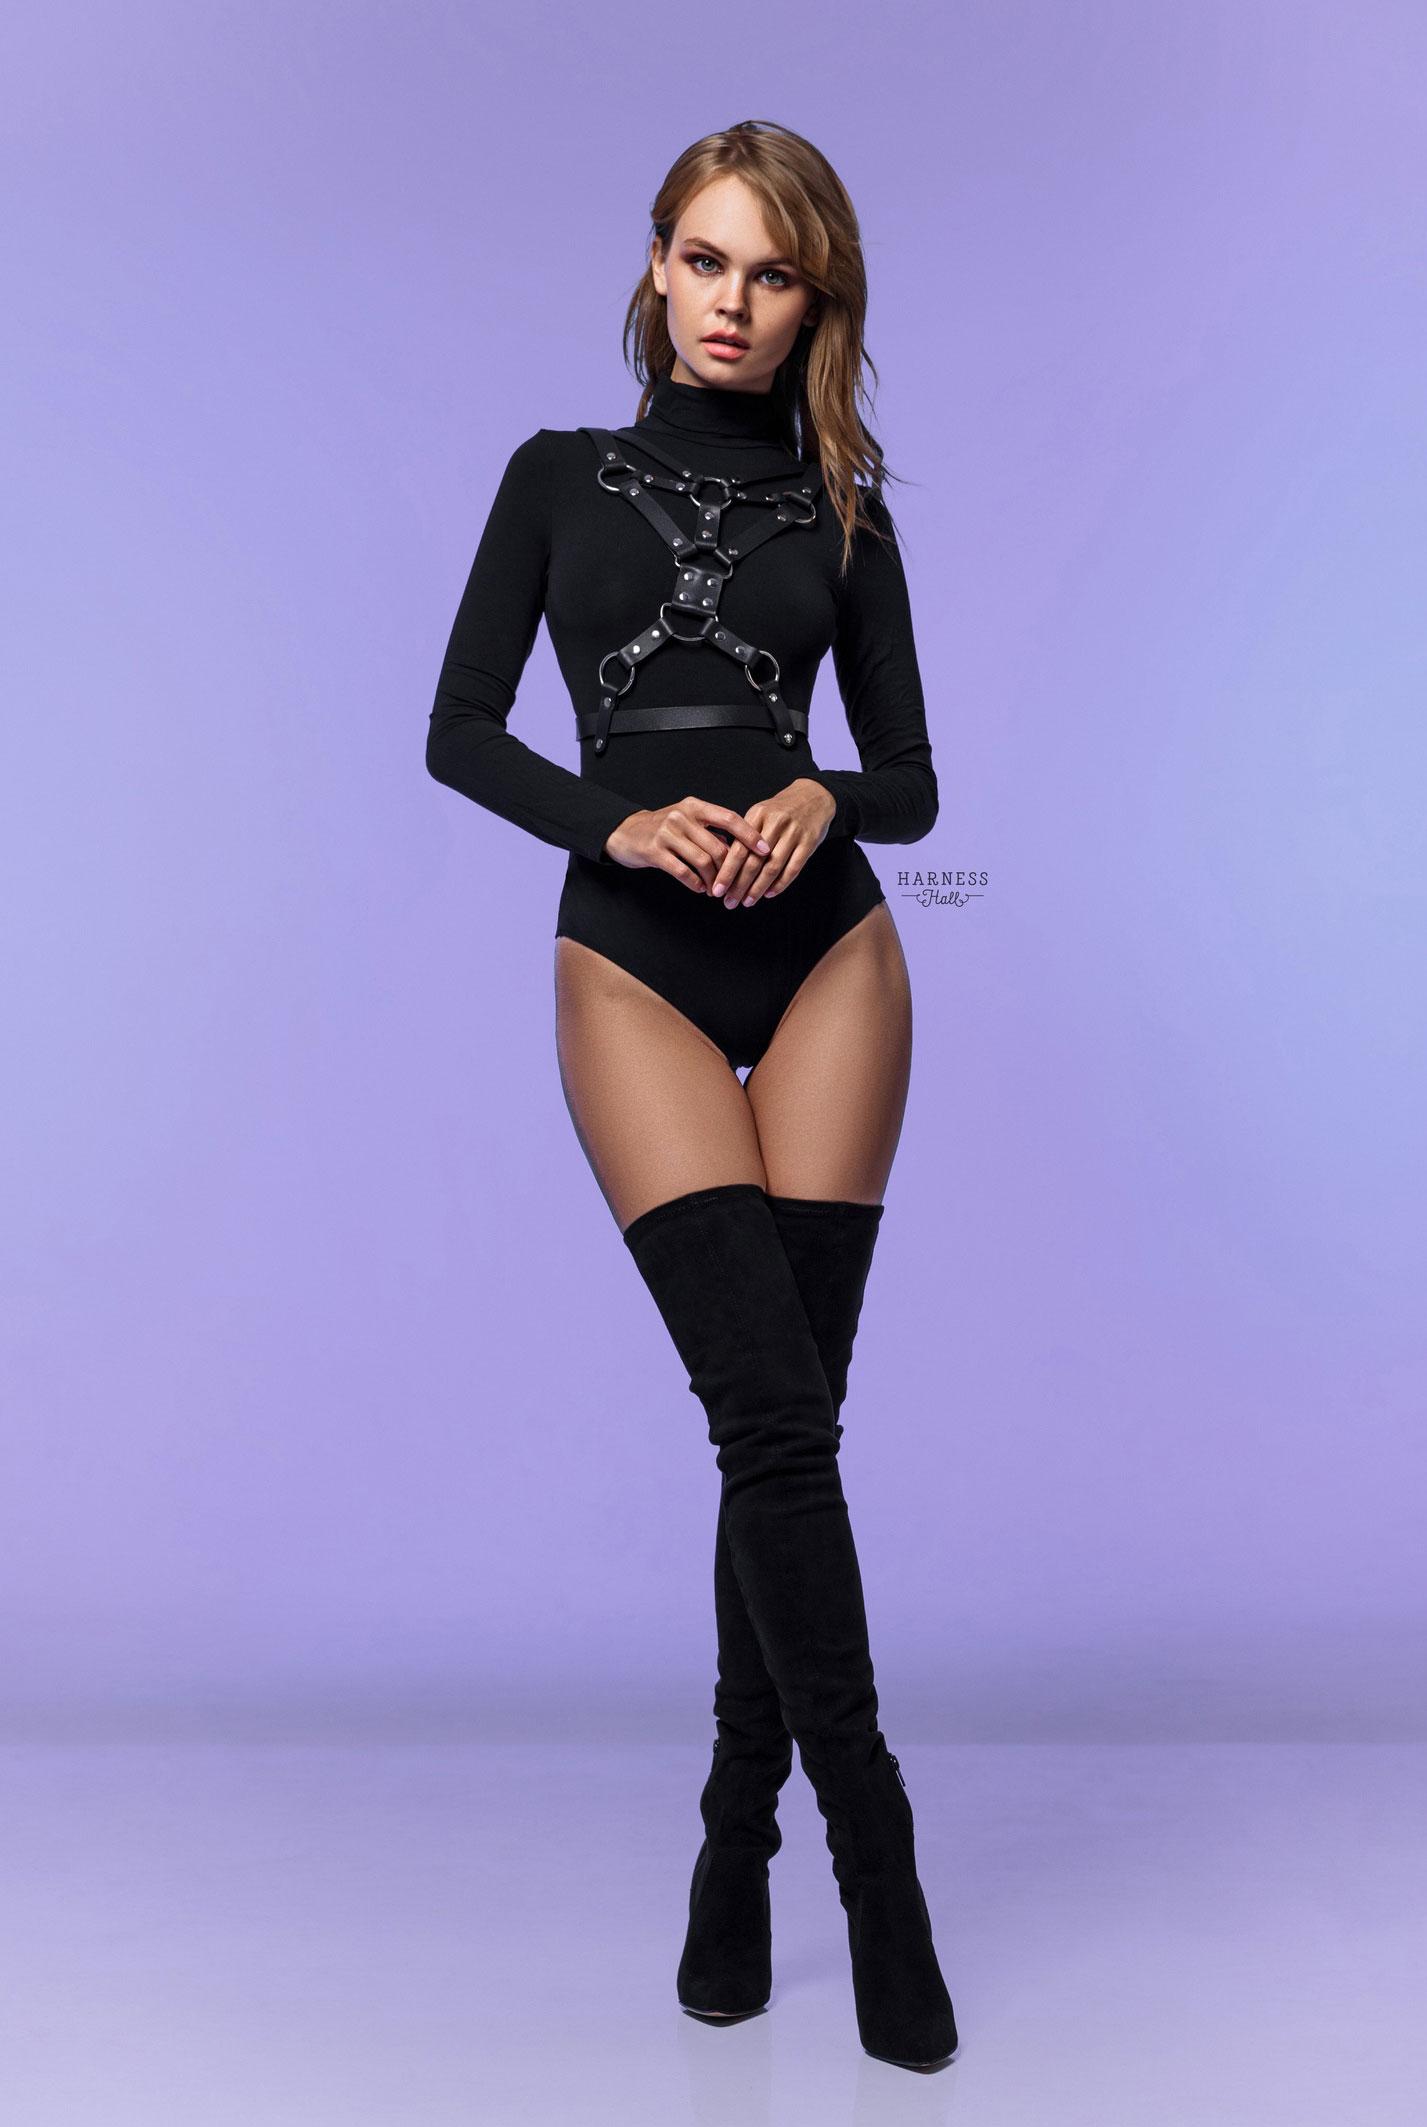 Анастасия Щеглова в нижнем белье Harness Hall, 2018 год / фото 13